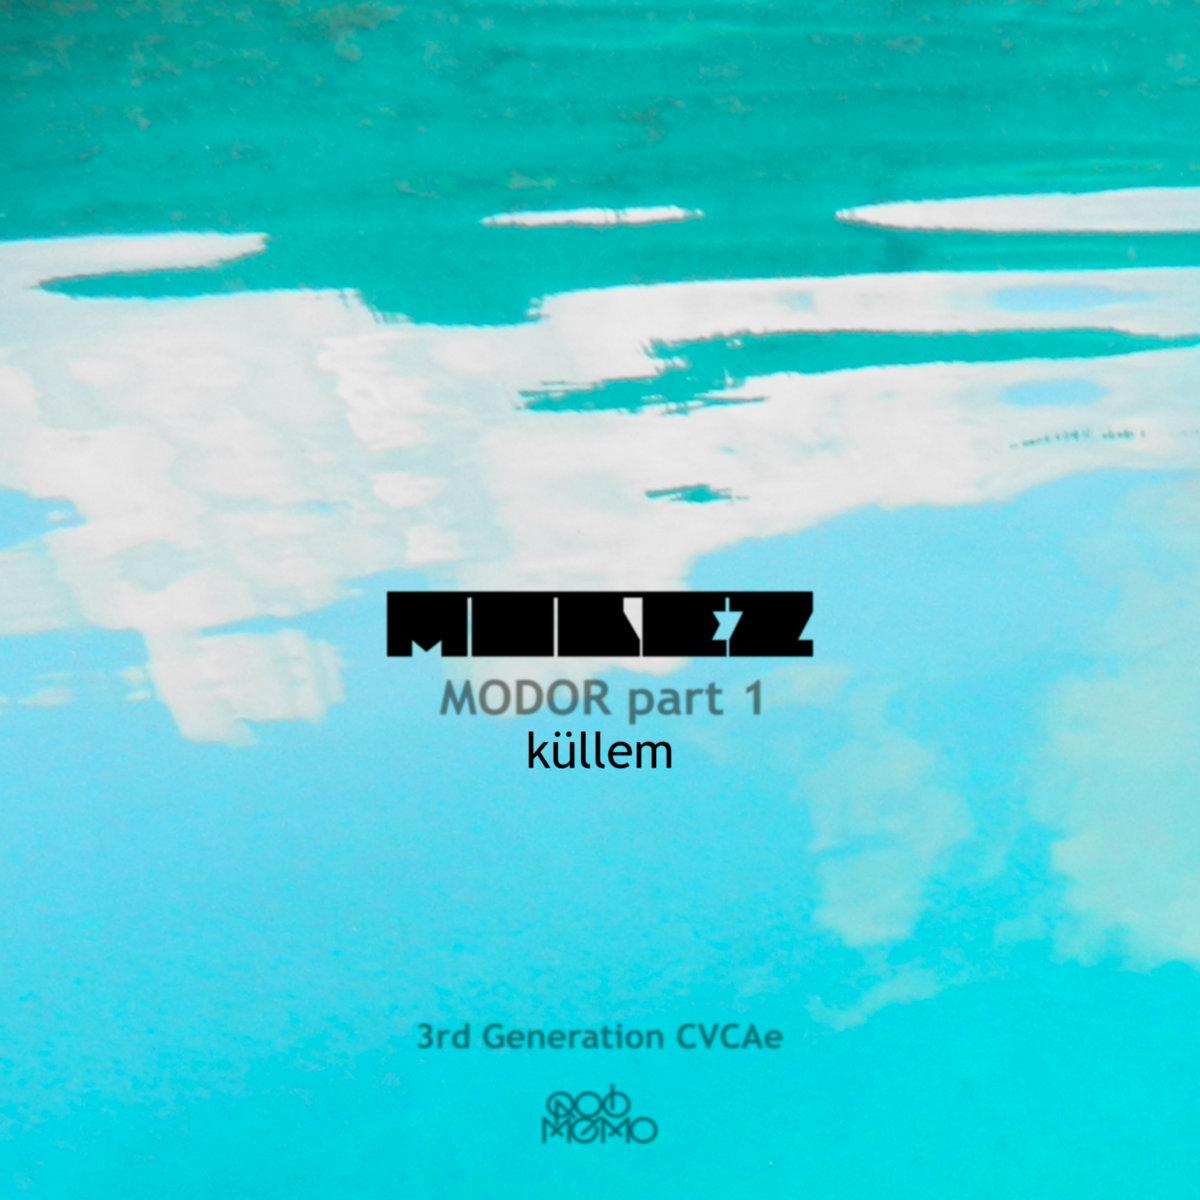 Molez – Küllem – Modor part 1